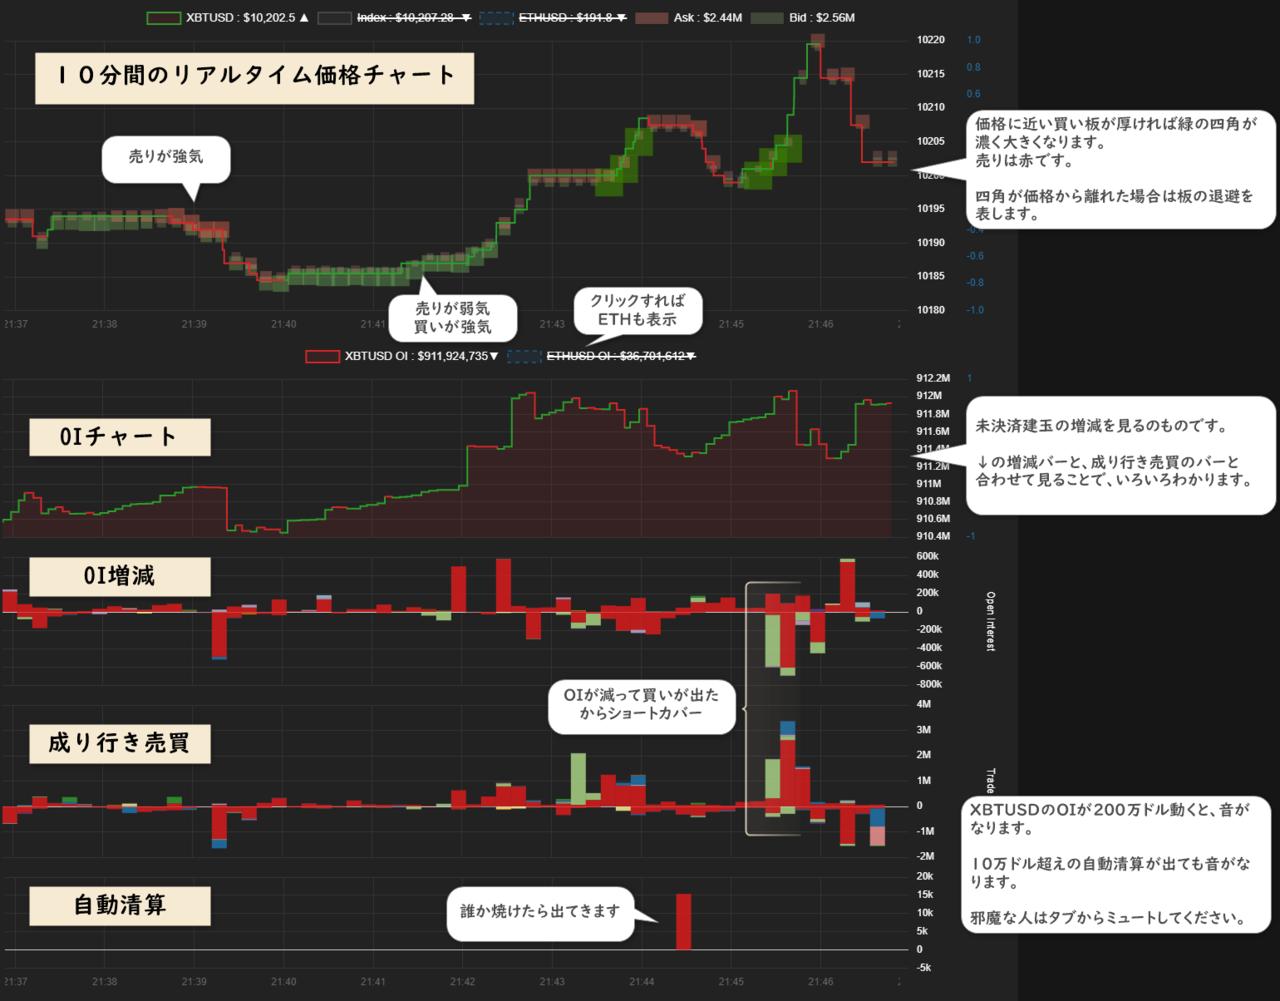 チャート リアルタイム 金 価格